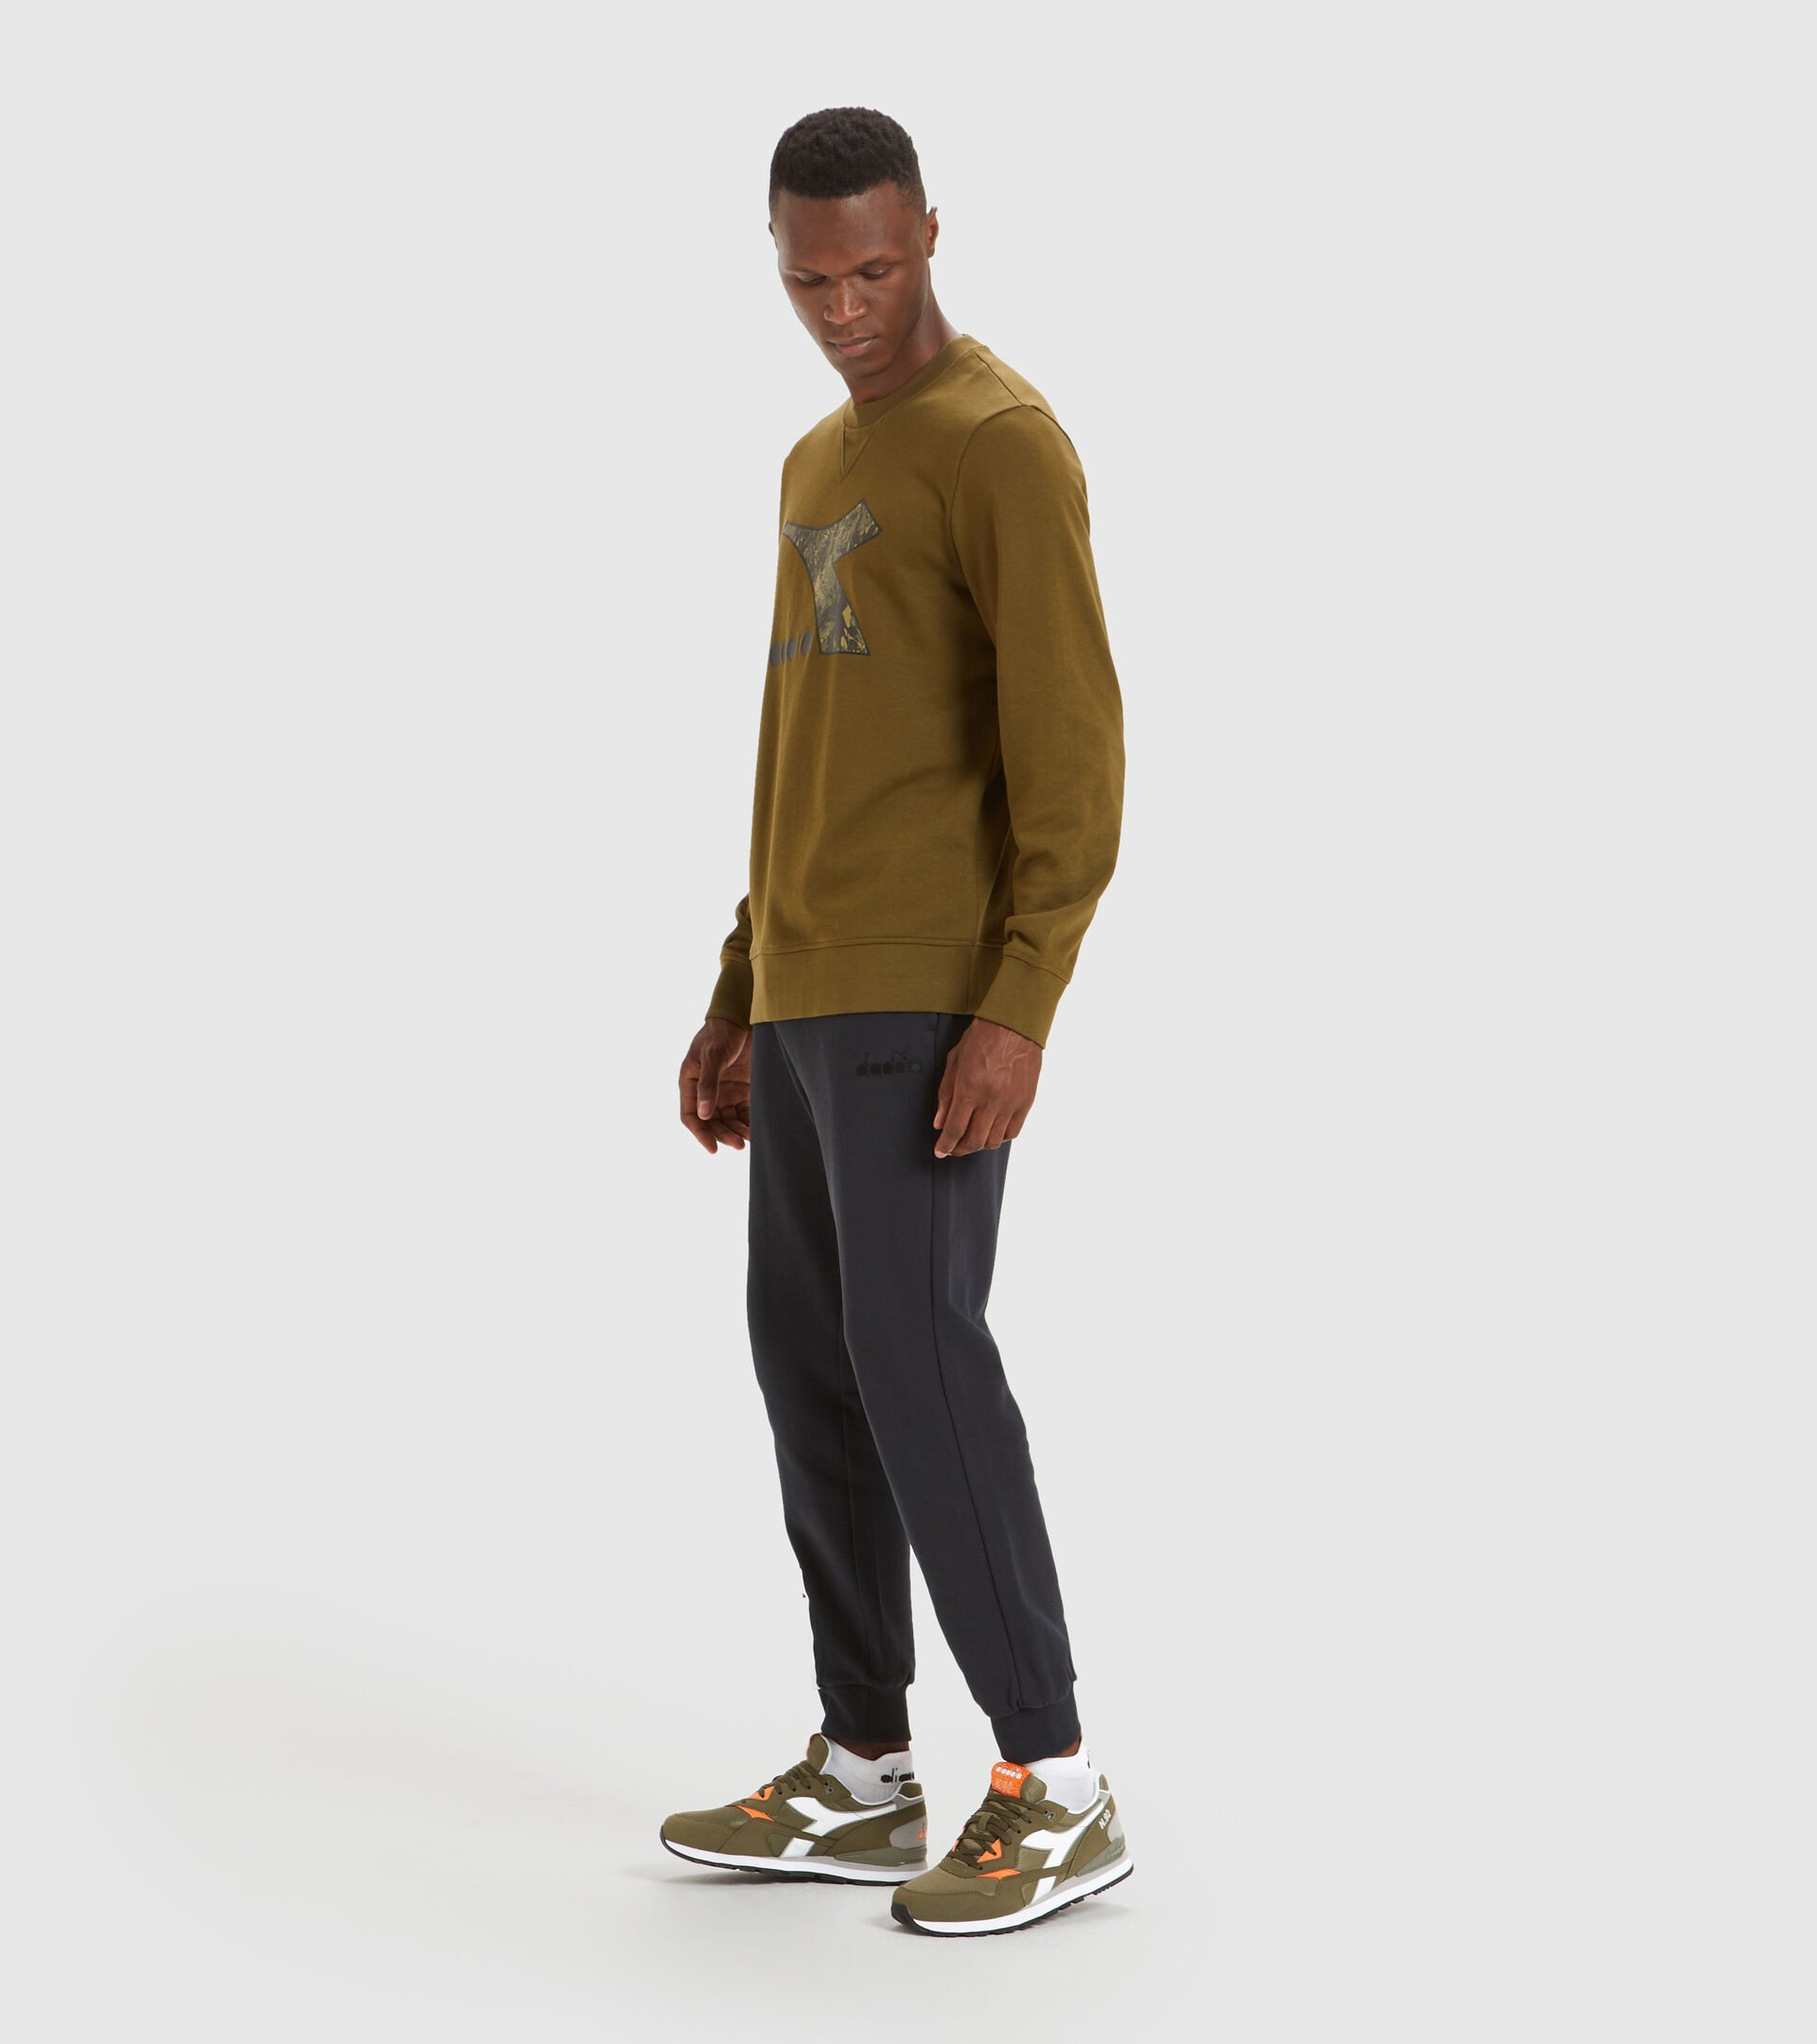 Sweater mit Rundhalsausschnitt - Herren SWEATSHIRT CREW LOGO CHROMIA DUNKELOLIV - Diadora